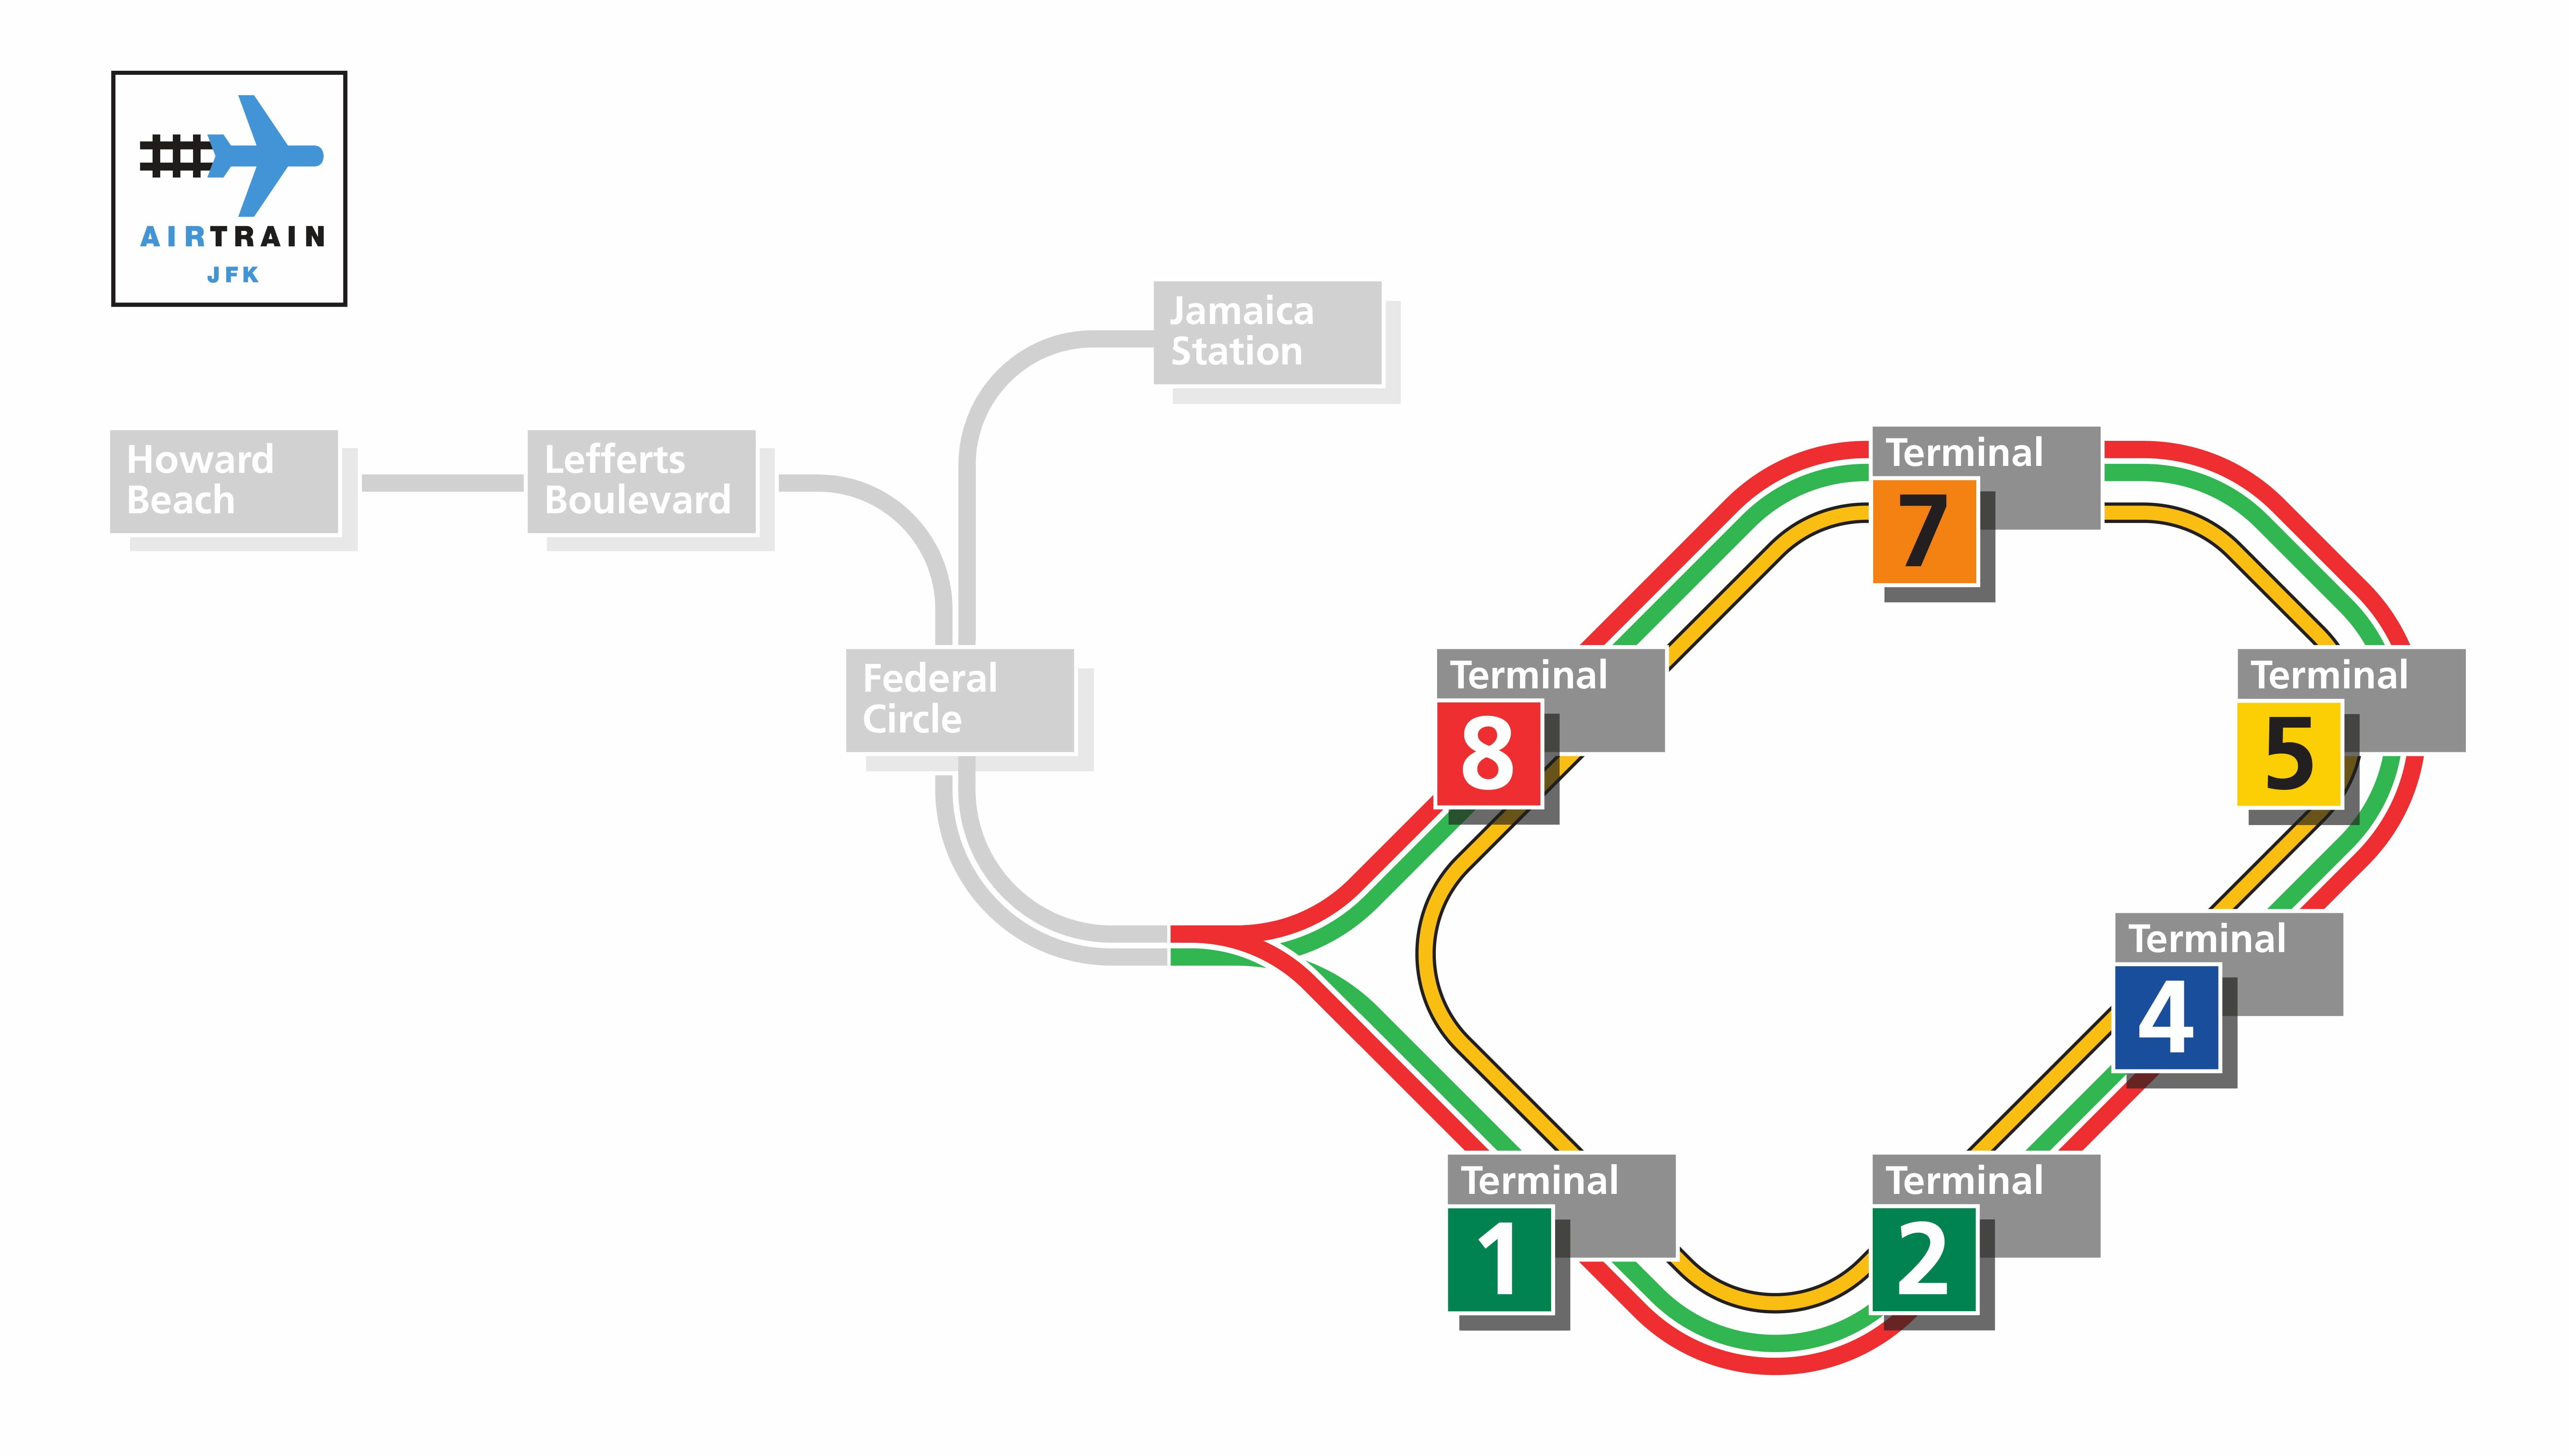 Líneas y rutas del AirTrain del aeropuerto JFK